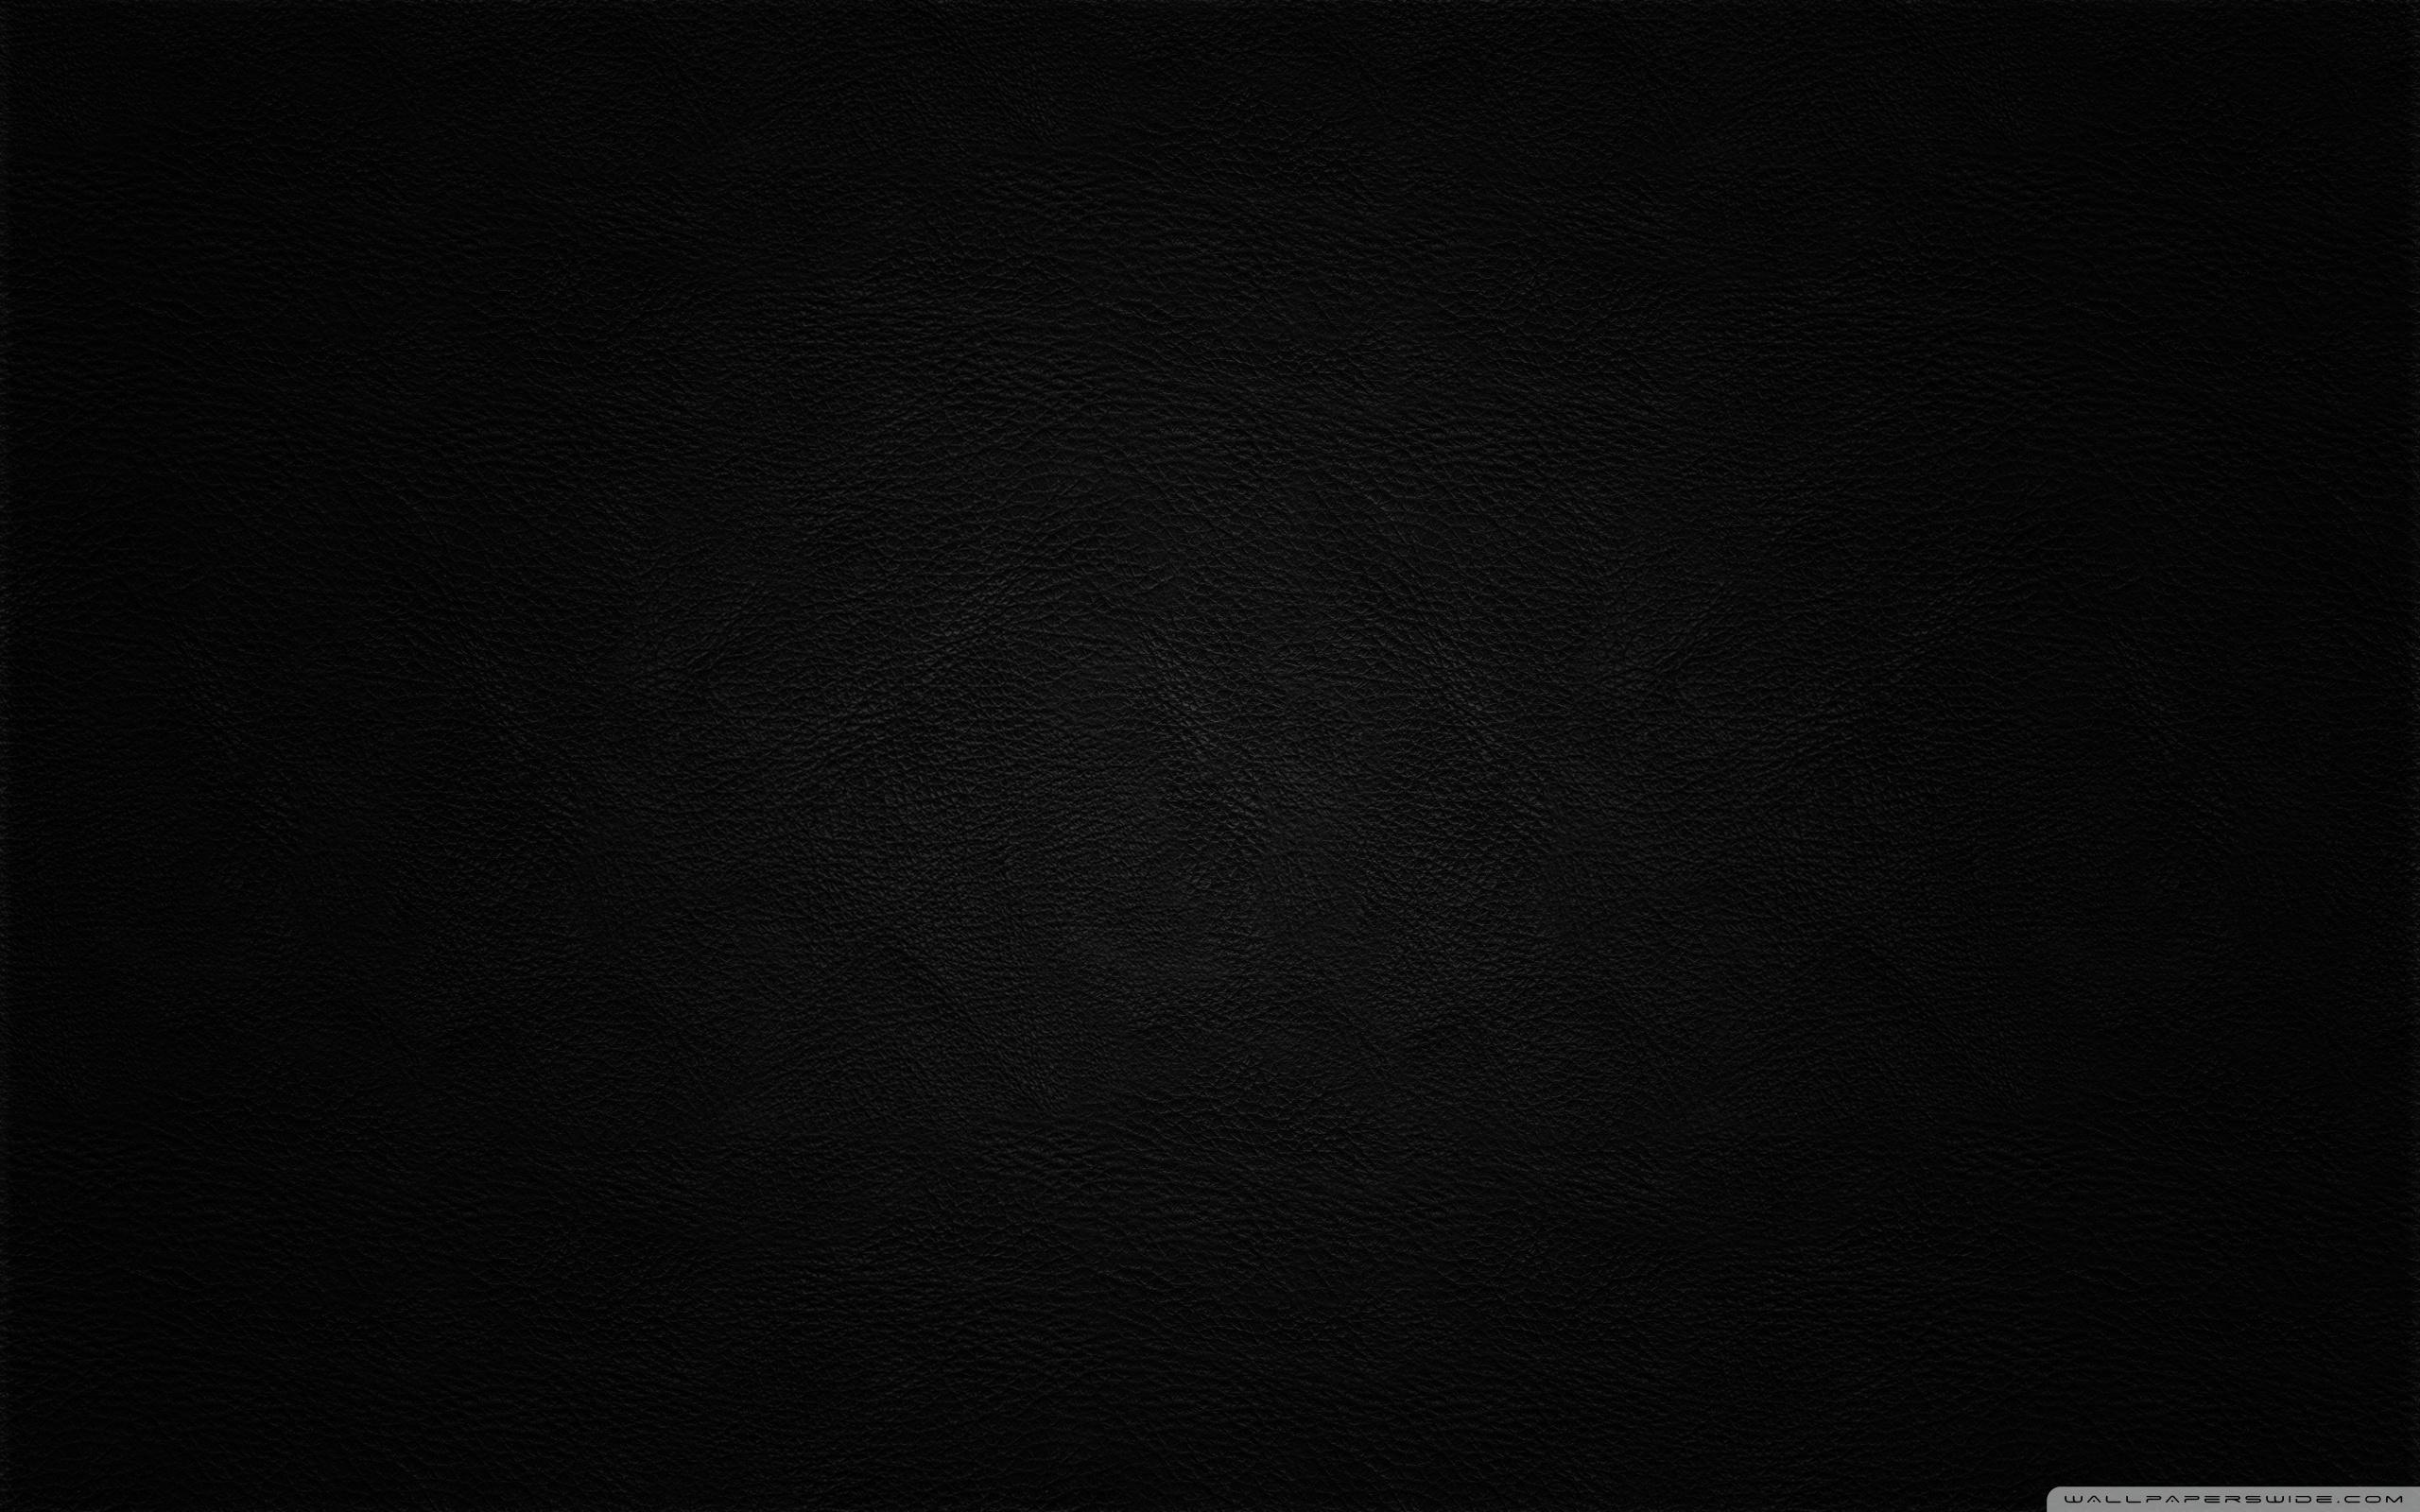 ... 2560 × 1600 In Black